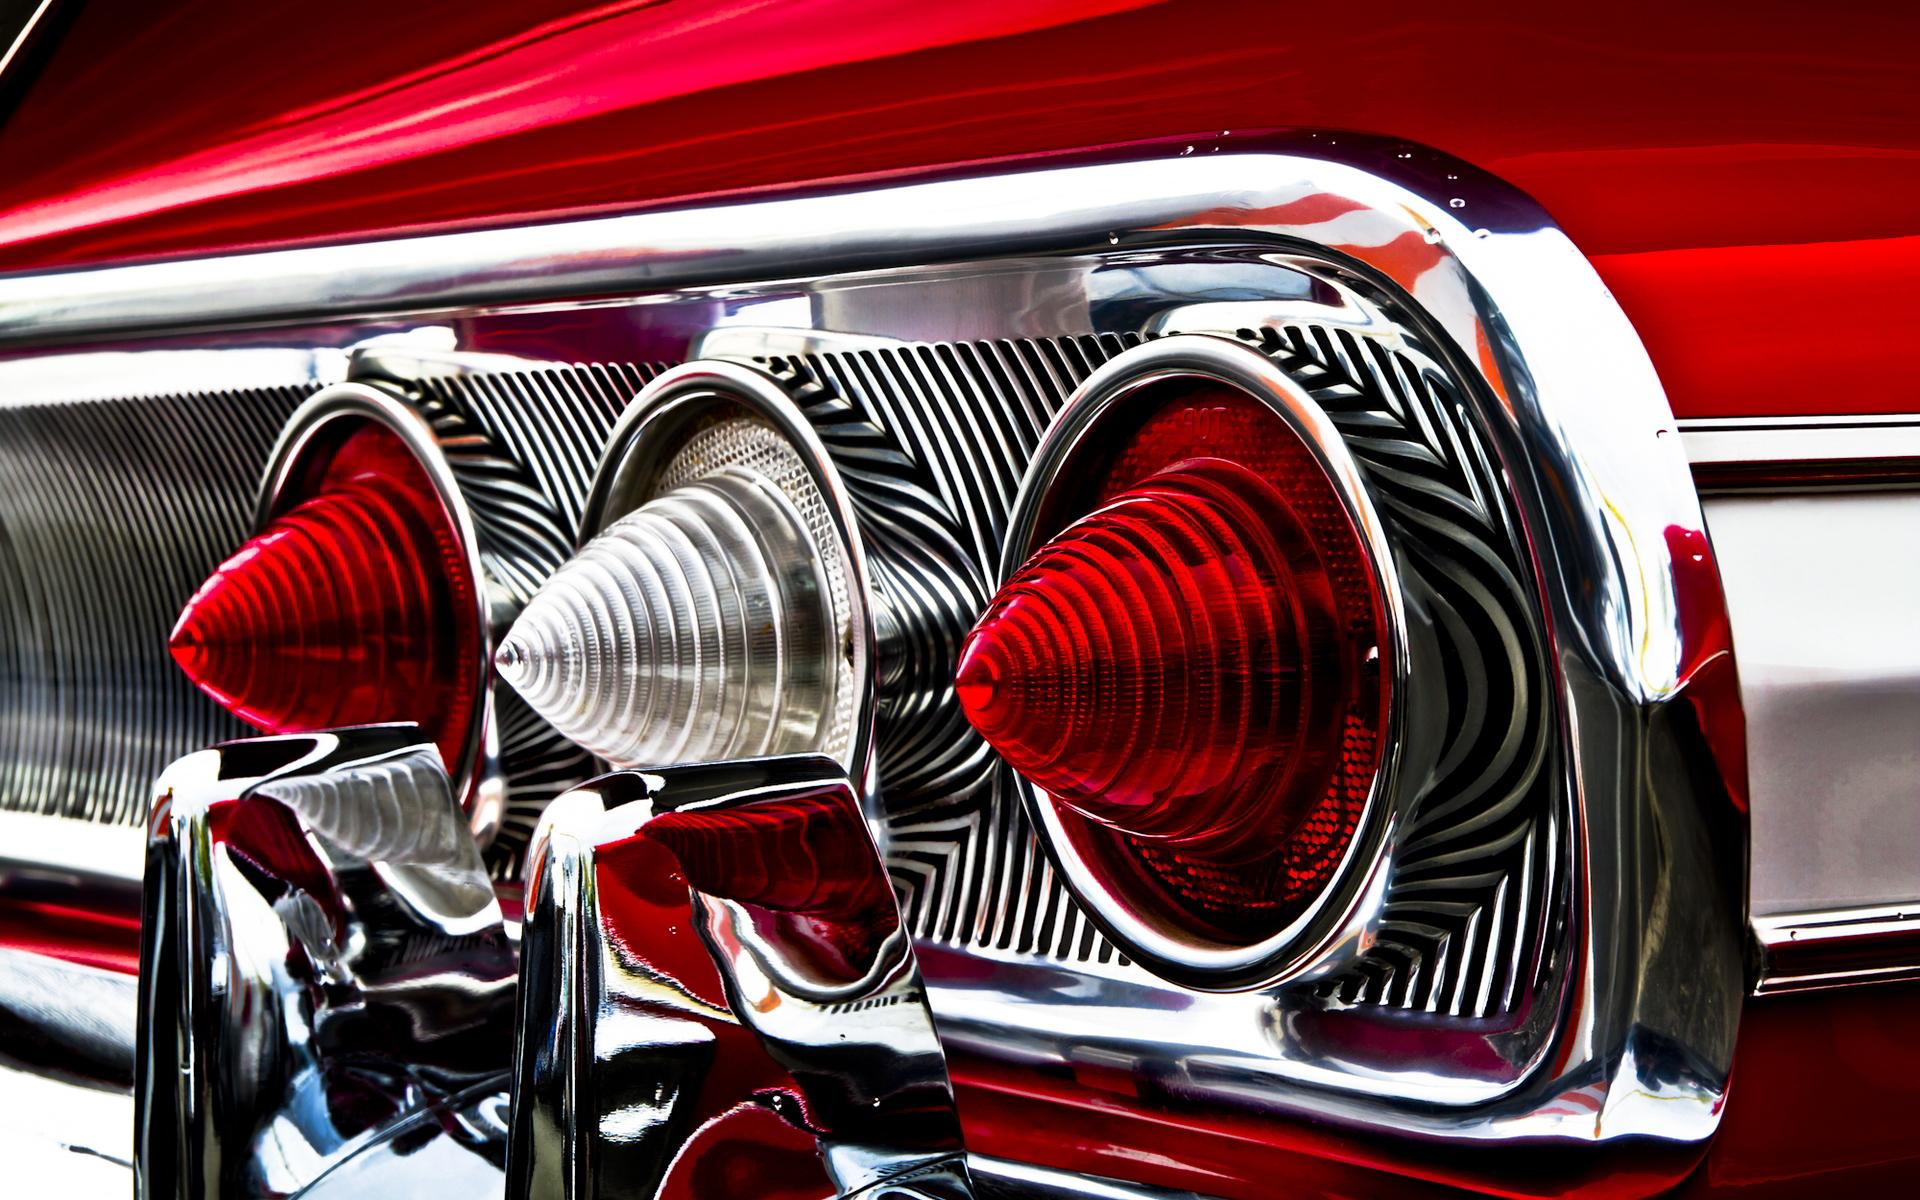 impala rear lights wallpaper 42517